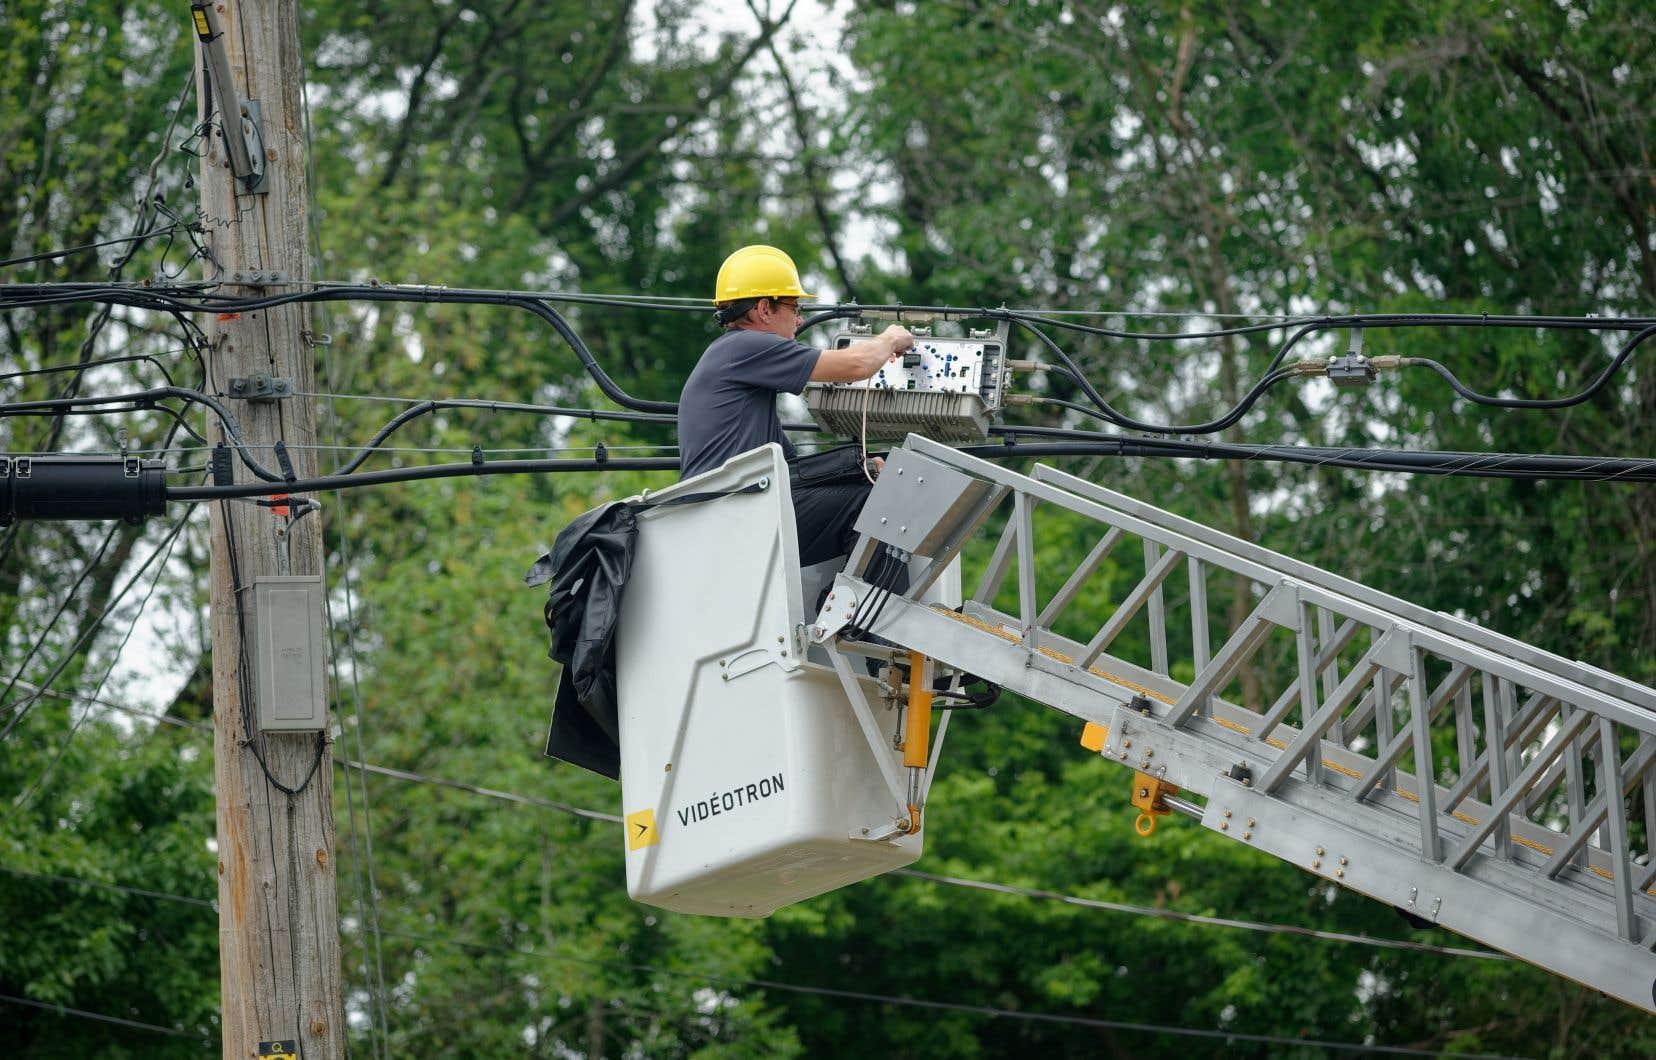 Le gouvernement québécois veut que davantage de foyers dans les régions puissent avoir accès à Internet haute vitesse.